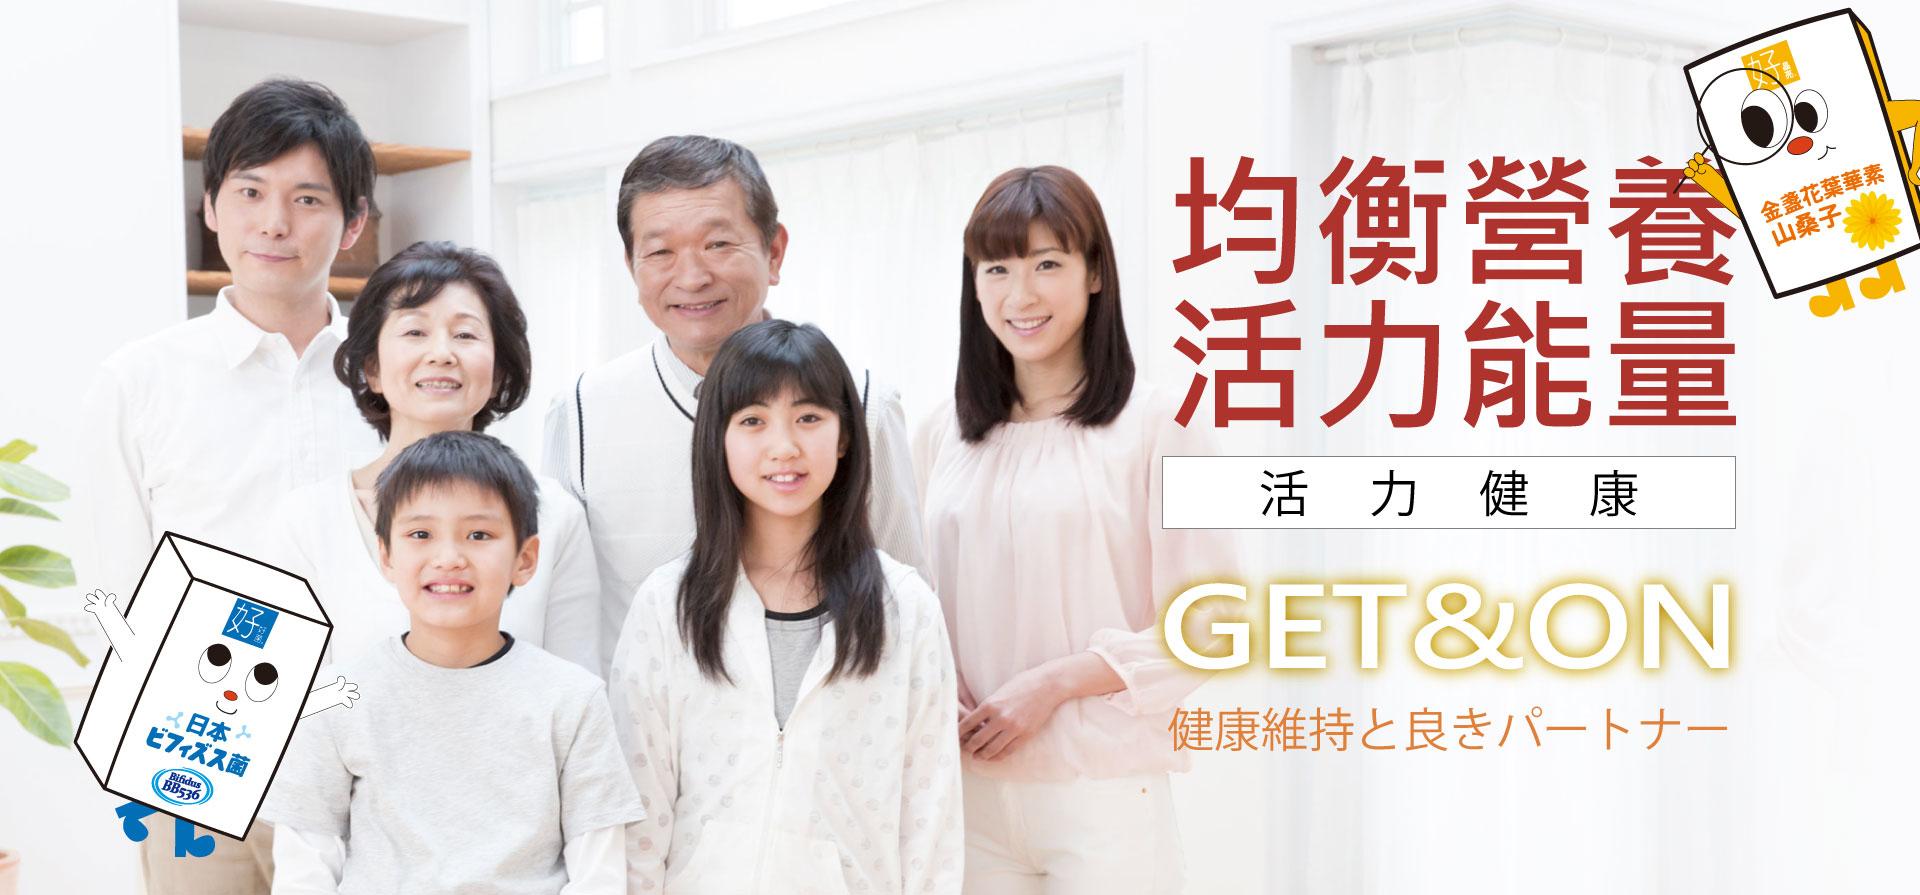 活力健康頁面Banner